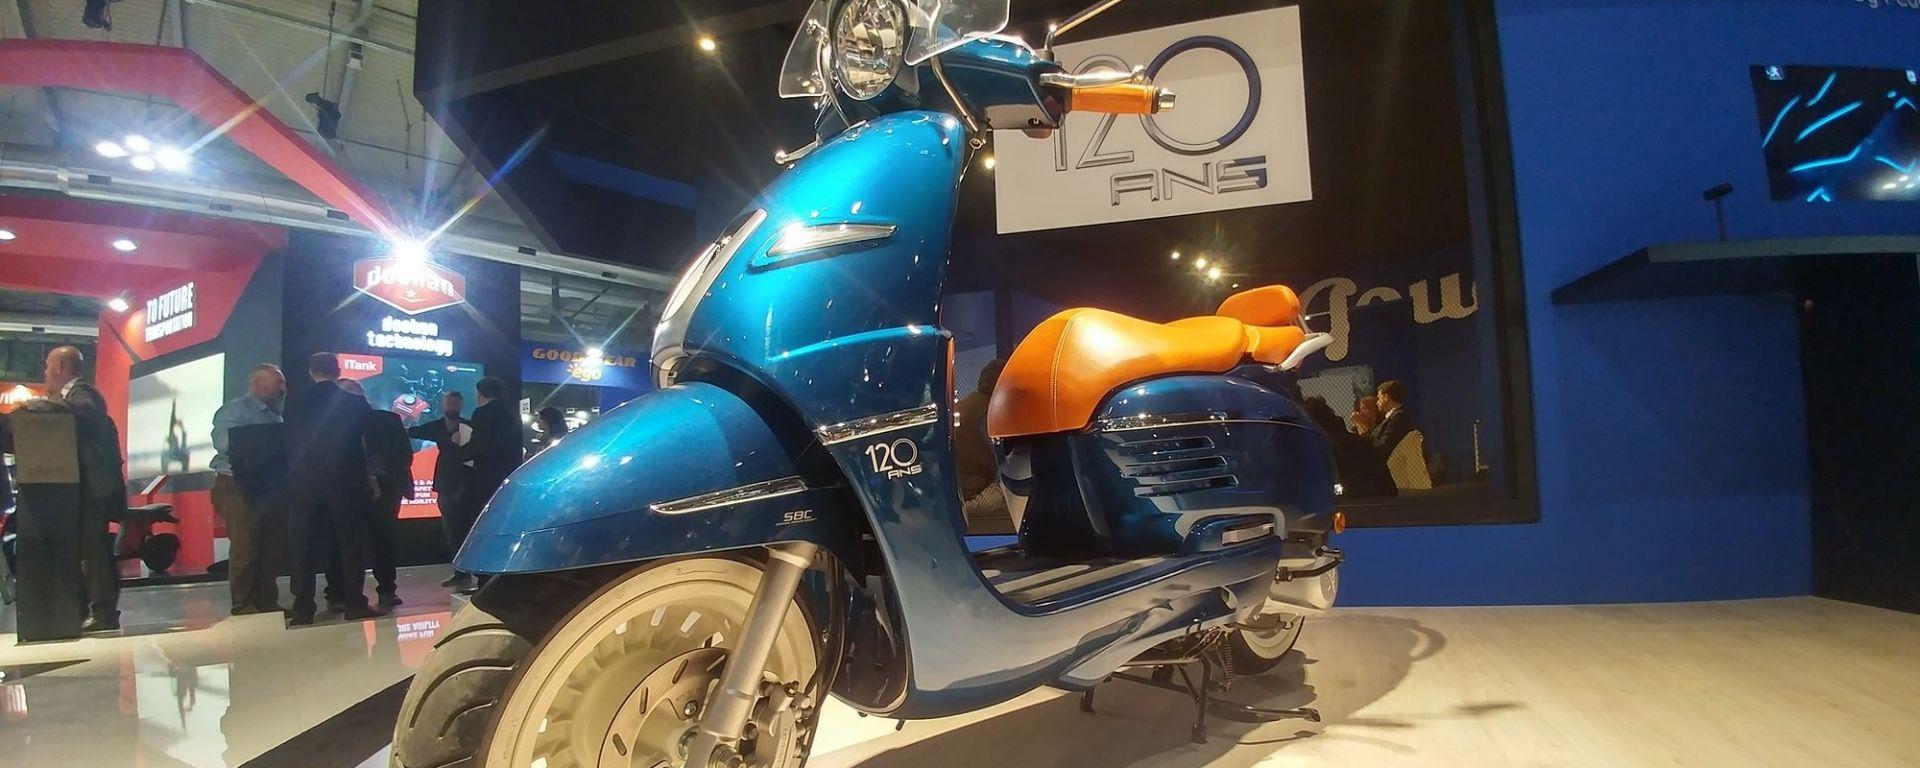 Peugeot Django by Schedoni: per i 120 anni dalla prima moto